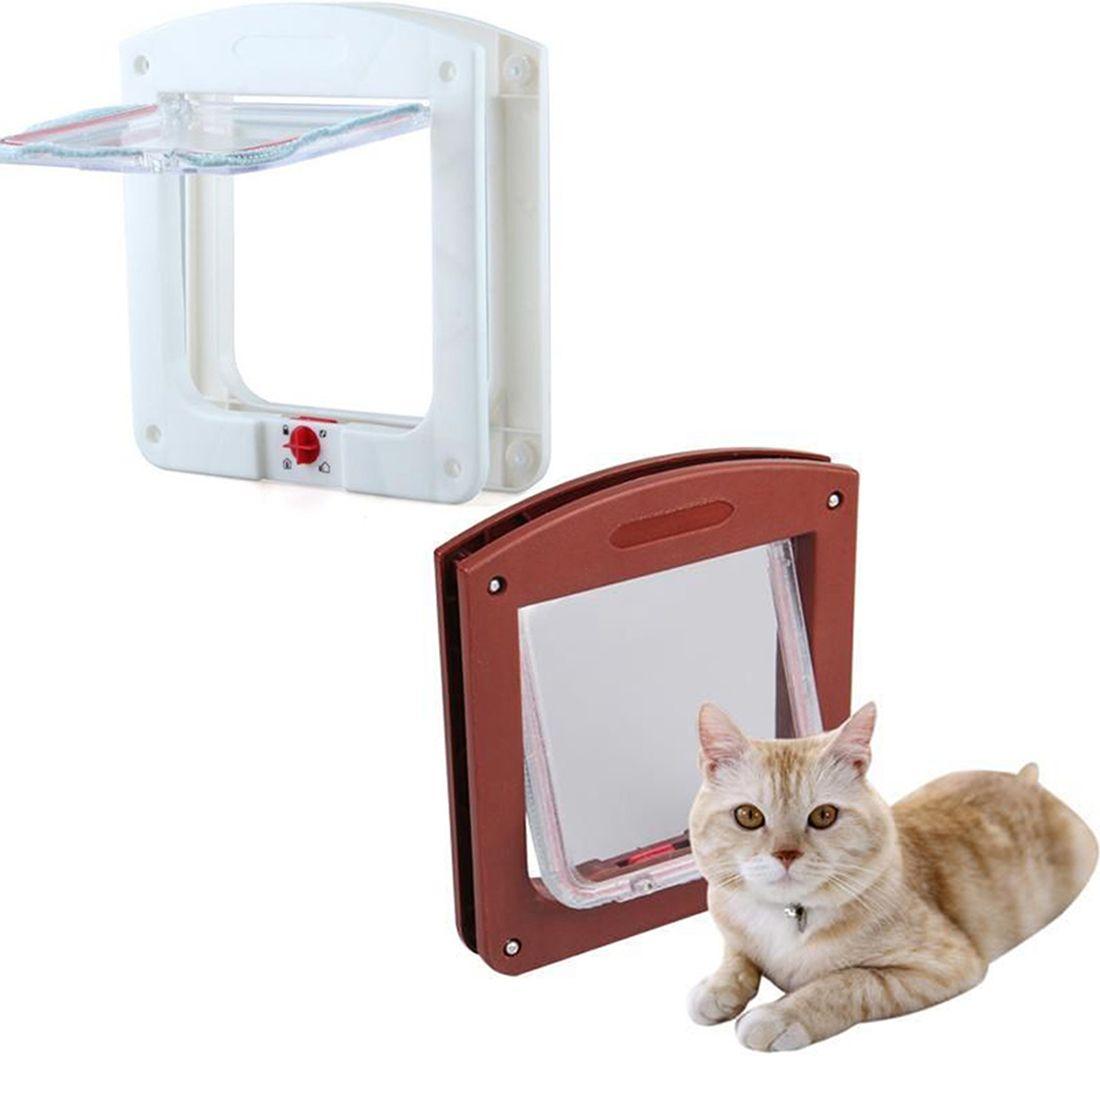 Новый Прочный Пластиковый 4 Способ Блокировки Магнитный Pet Cat Дверь Маленькая Собака Котенок Водонепроницаемый Лоскут Сейф Ворота Безопасности Поставки